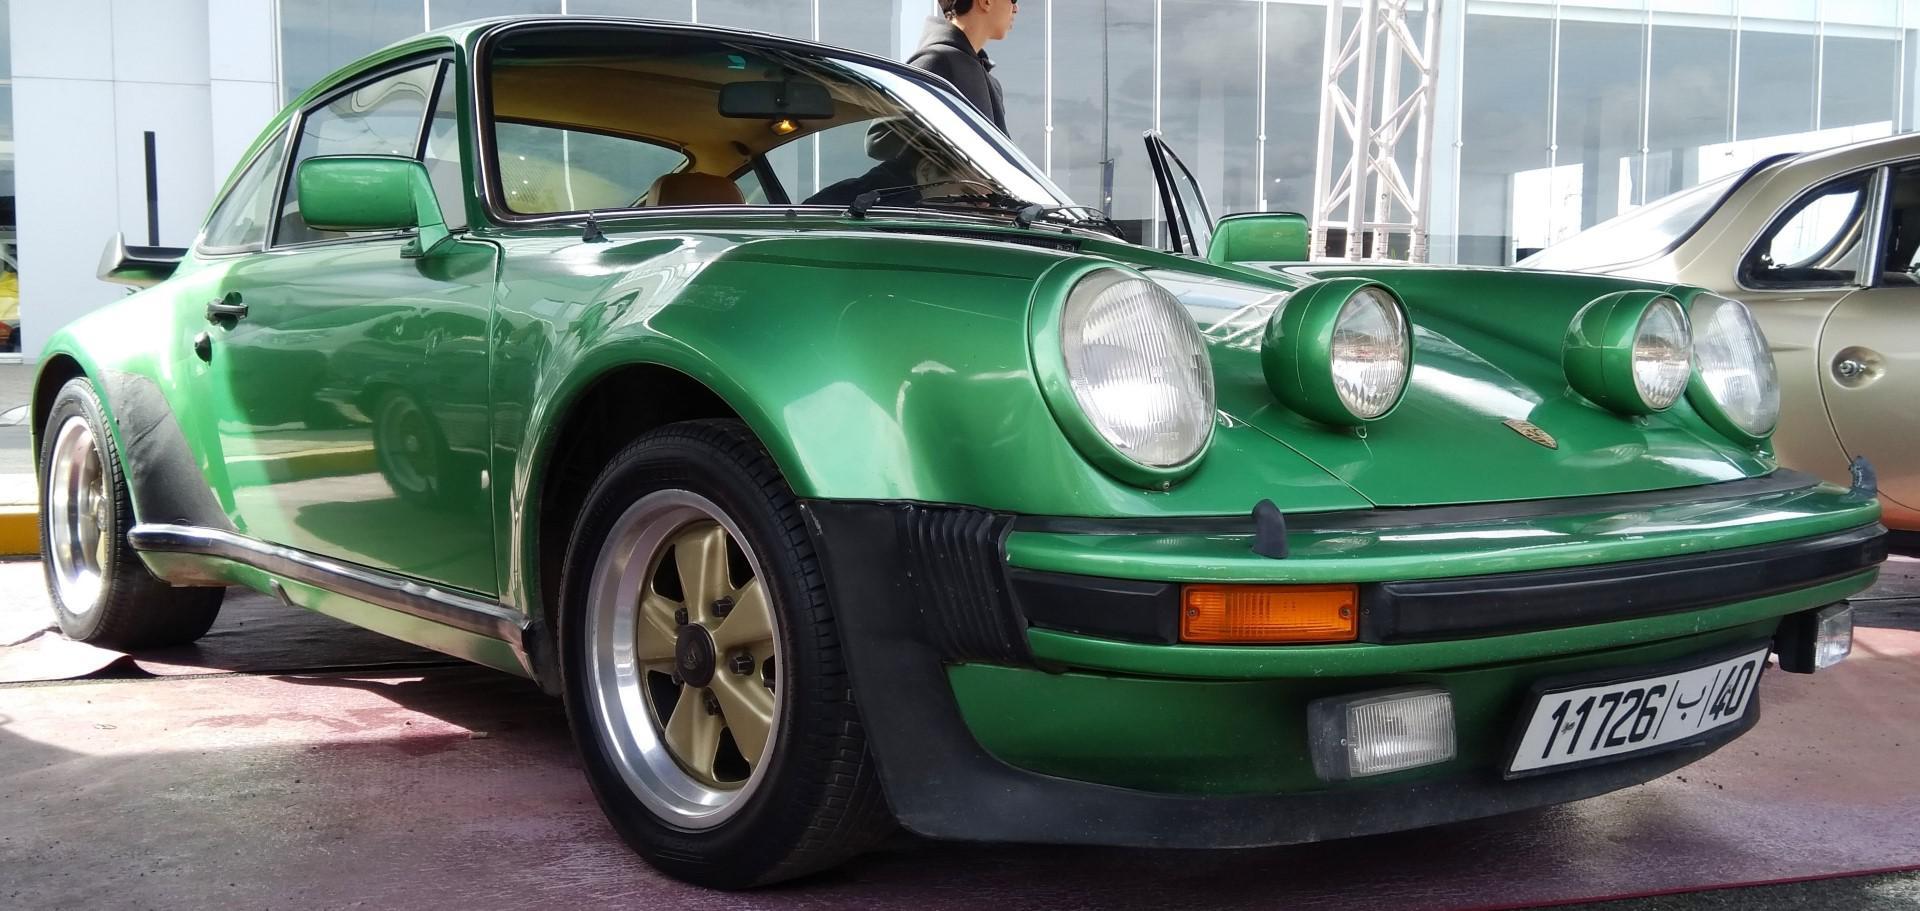 les-voitures-de-sports-du-classic-cars-expo-2019-1137-2.jpg